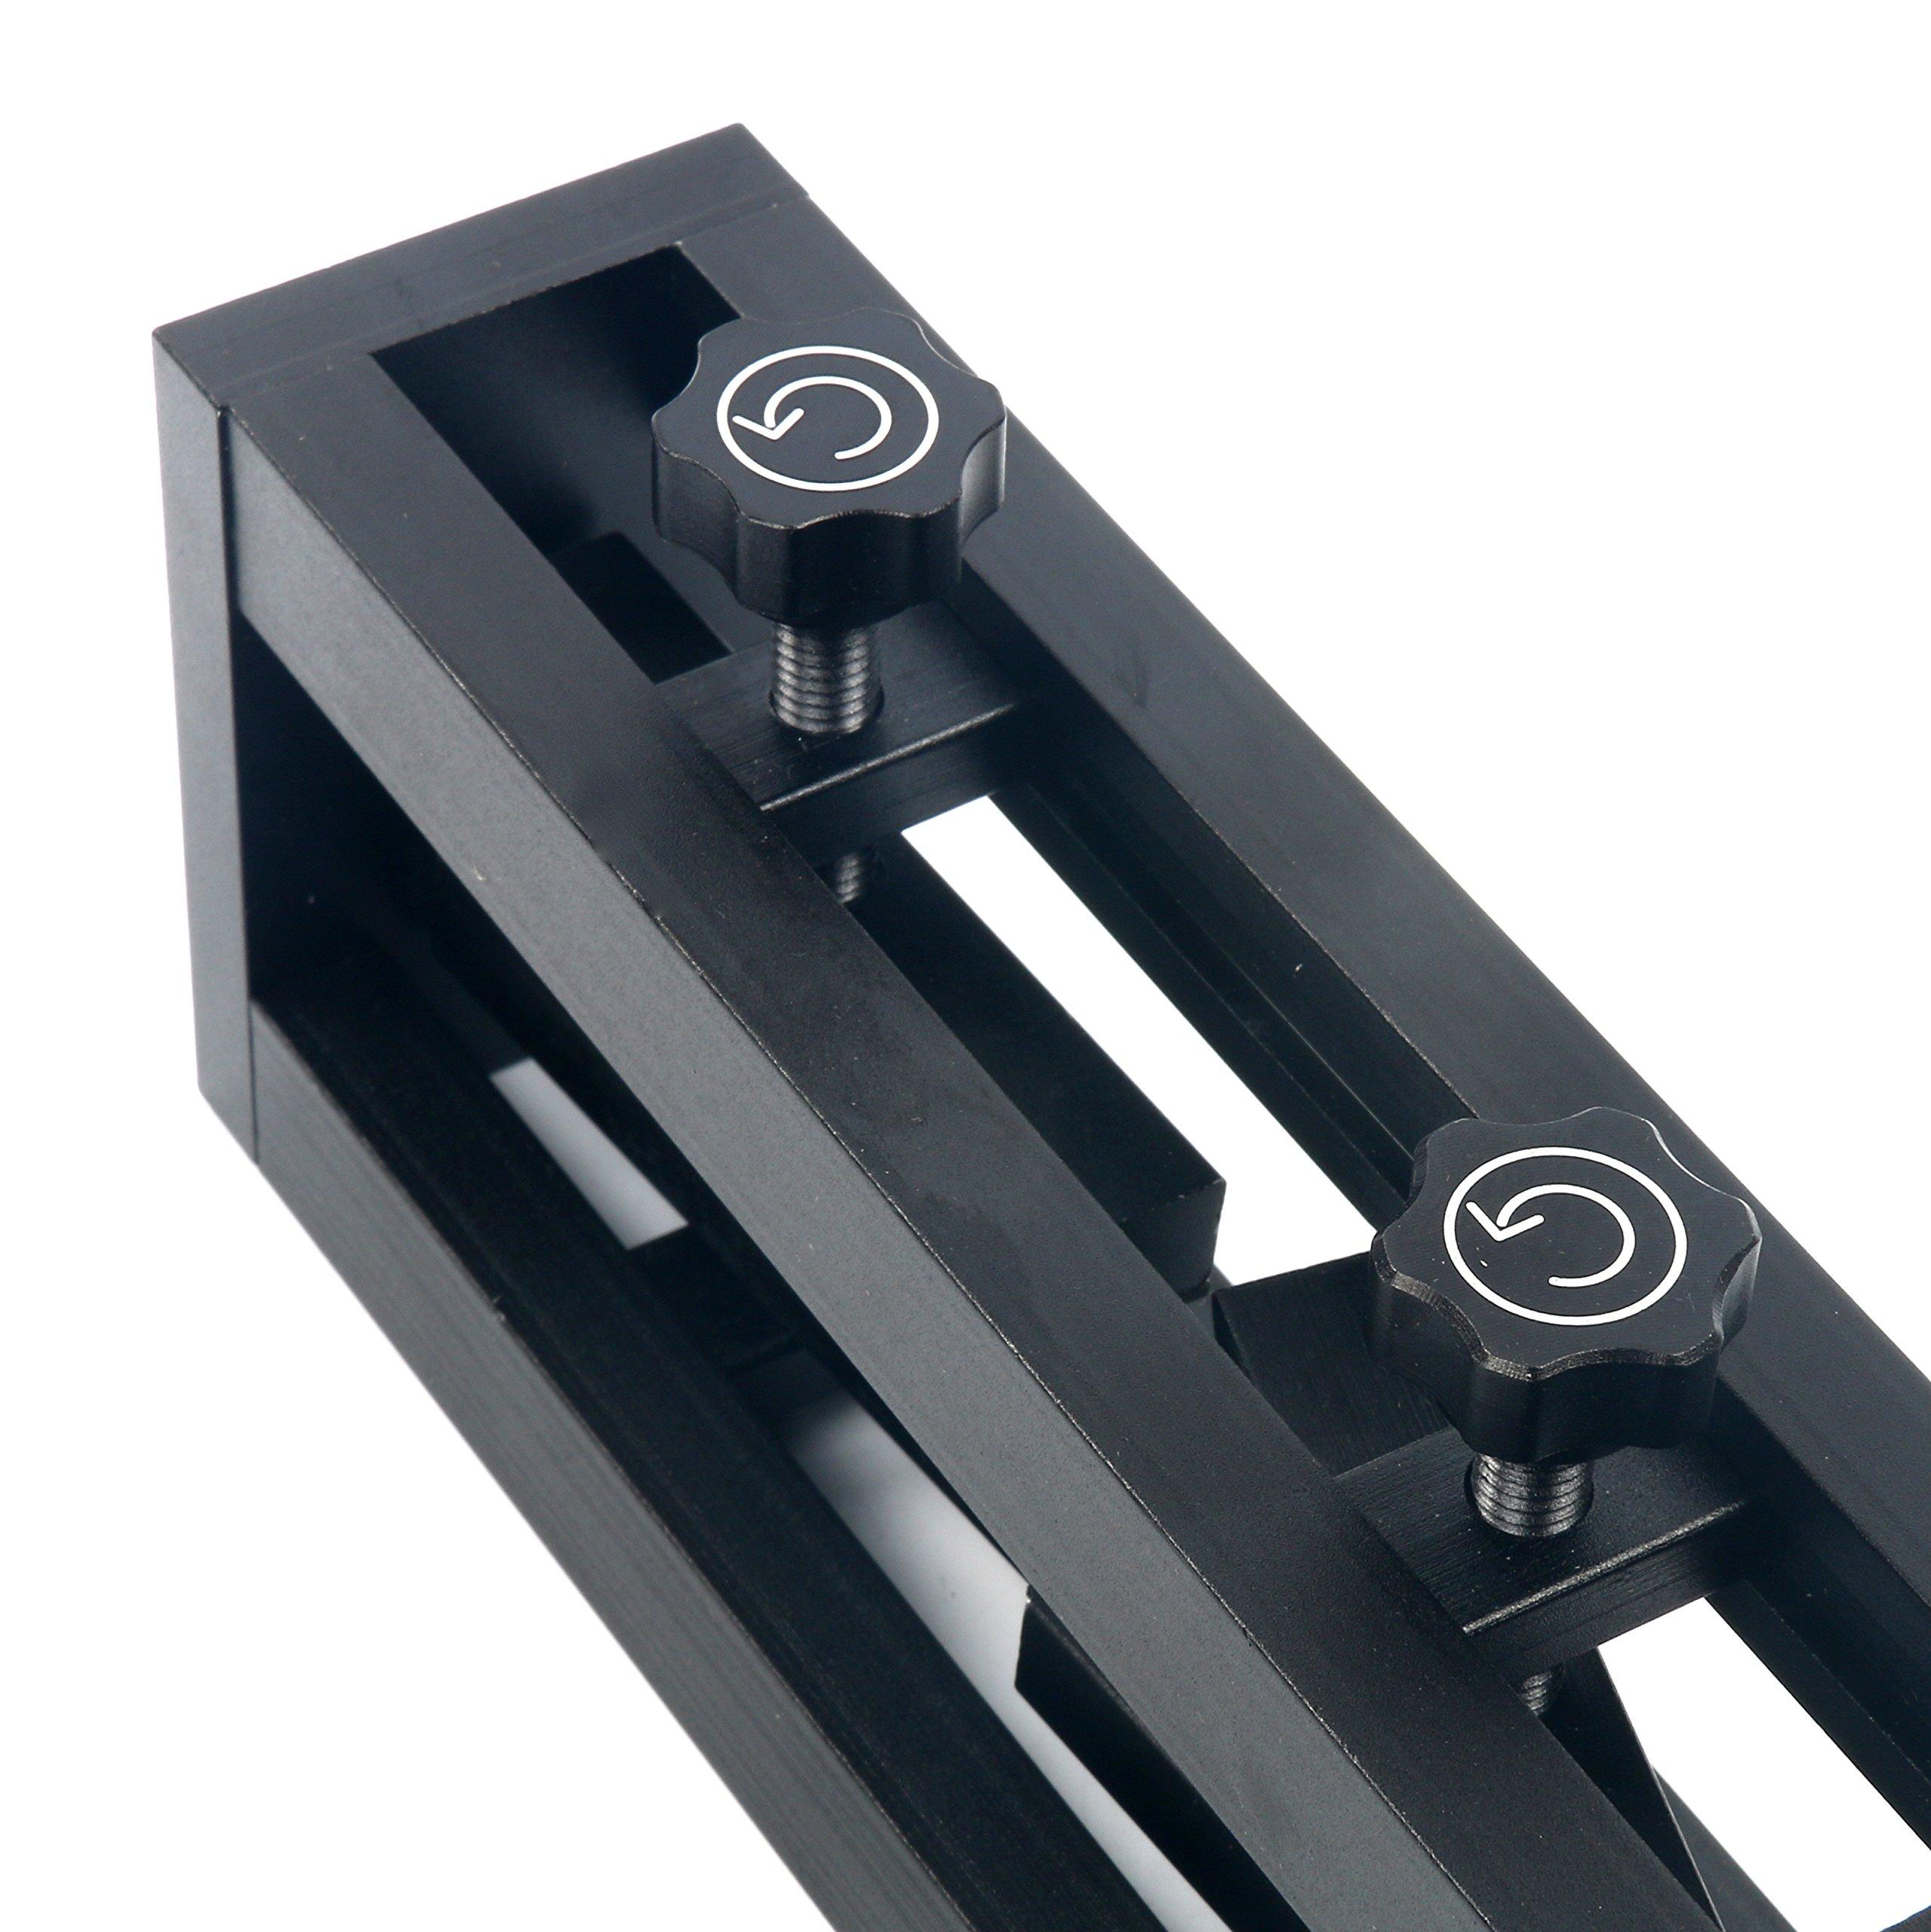 YaeTek Corner Sidewall Frame Bending Repair tool for iphone7, 7 plus, 6, 6 plus,6s, 6s plus,5,5s by YaeTek (Image #7)